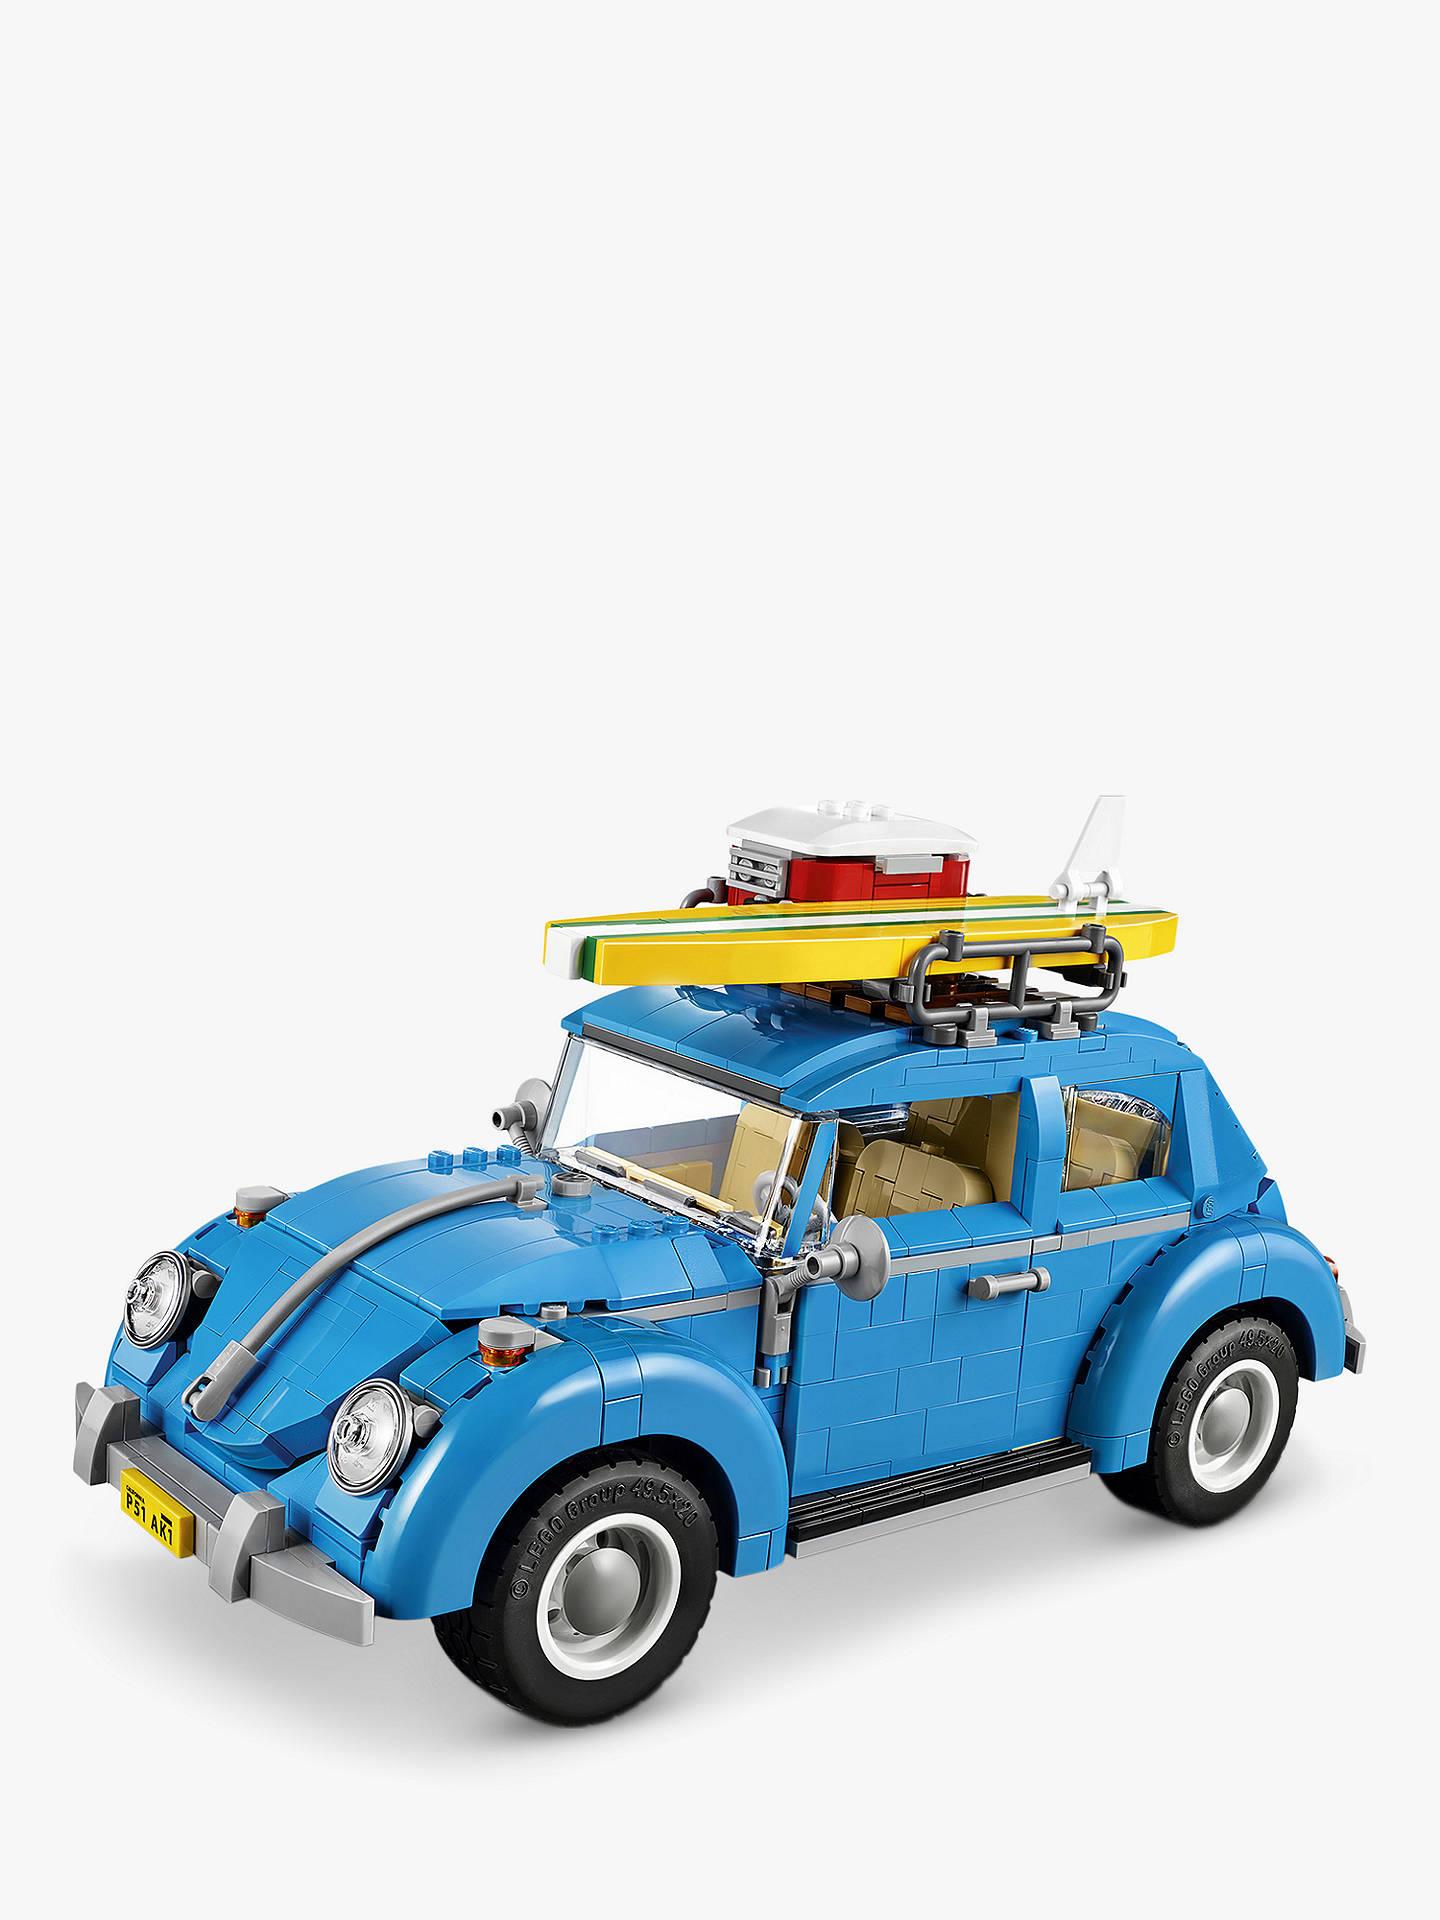 Lego Creator 10252 Volkswagen Beetle At John Lewis Partners